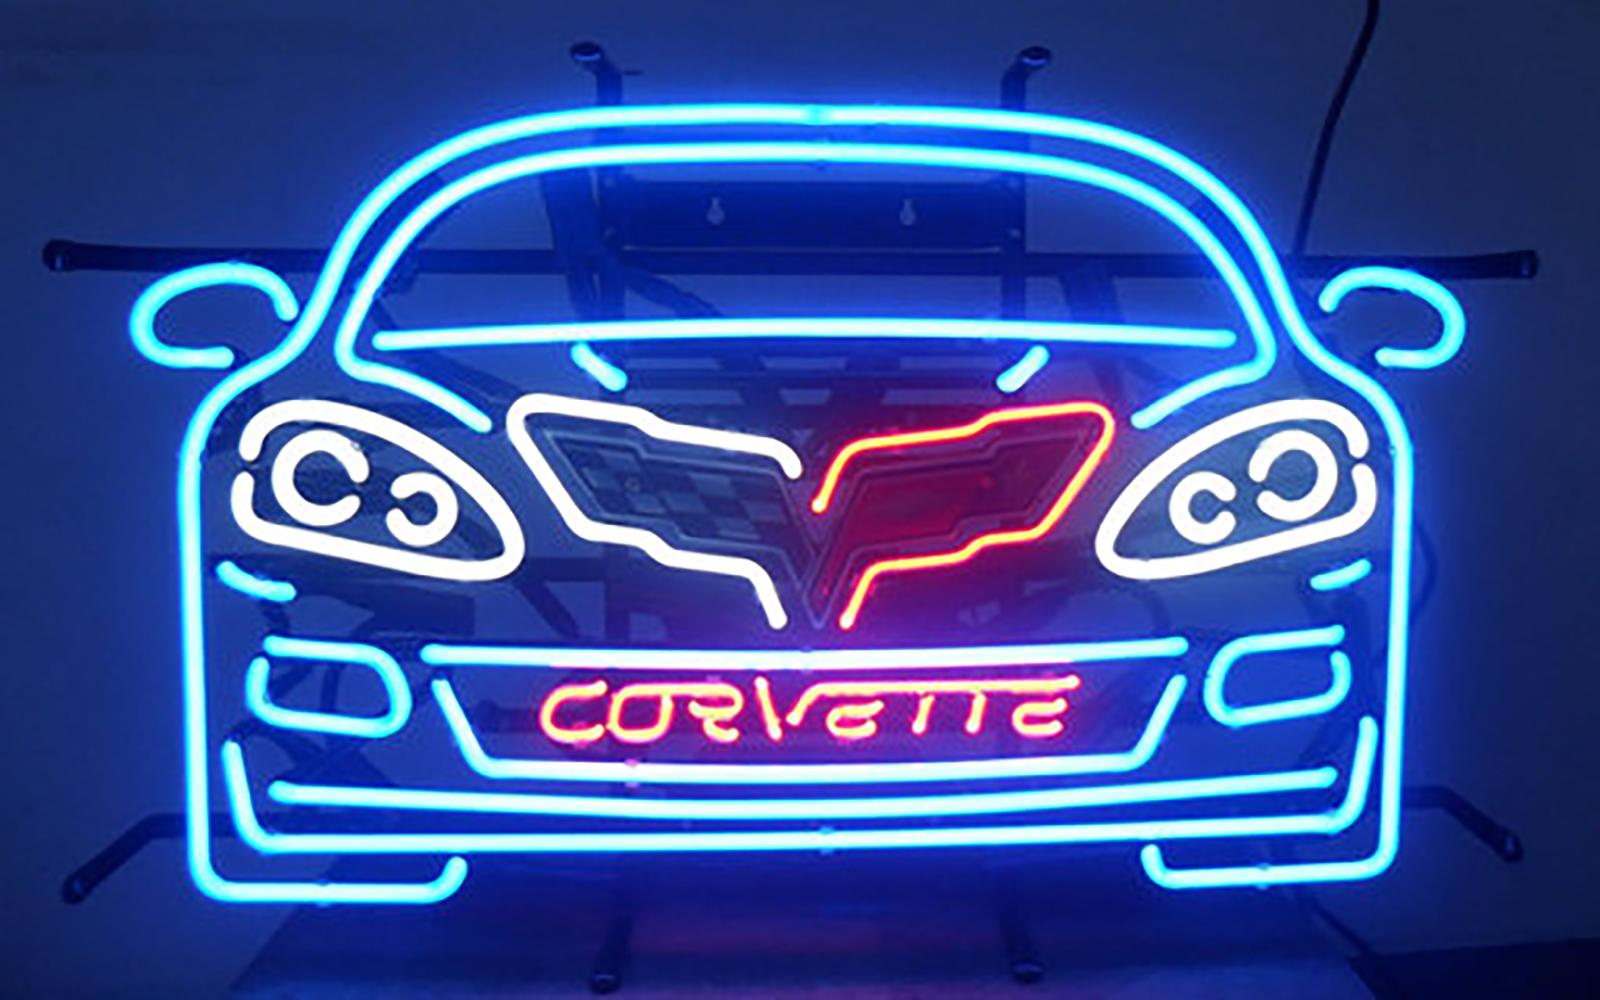 Corvette C6 Neon Sign